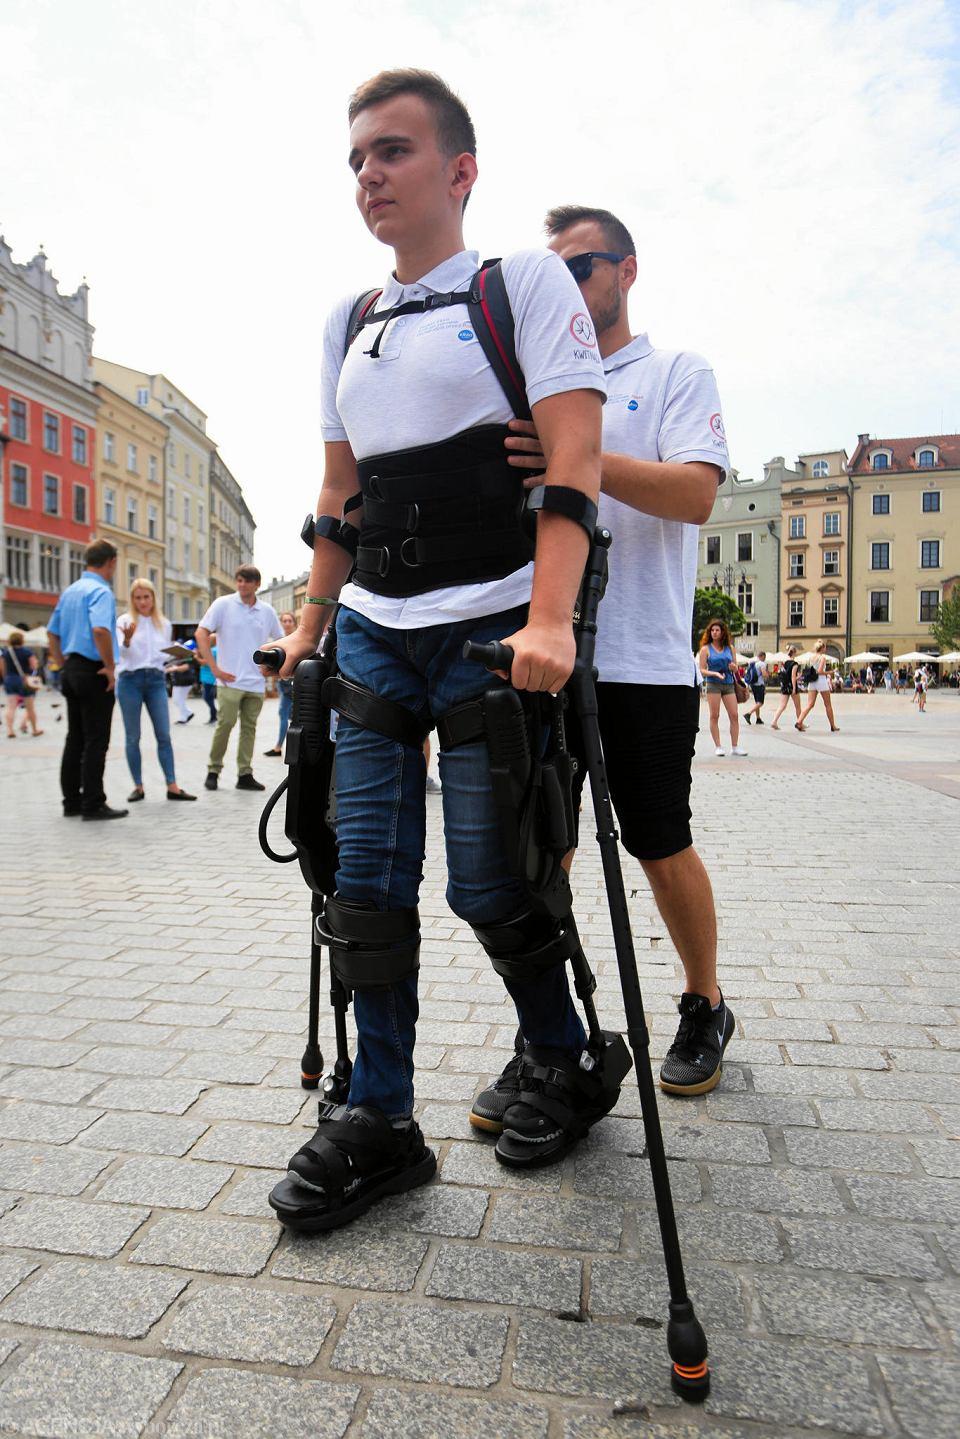 Zdjęcie numer 5 w galerii - Niepełnosprawny spacerował w egzoszkielecie po Rynku Głównym w Krakowie [ZDJĘCIA]